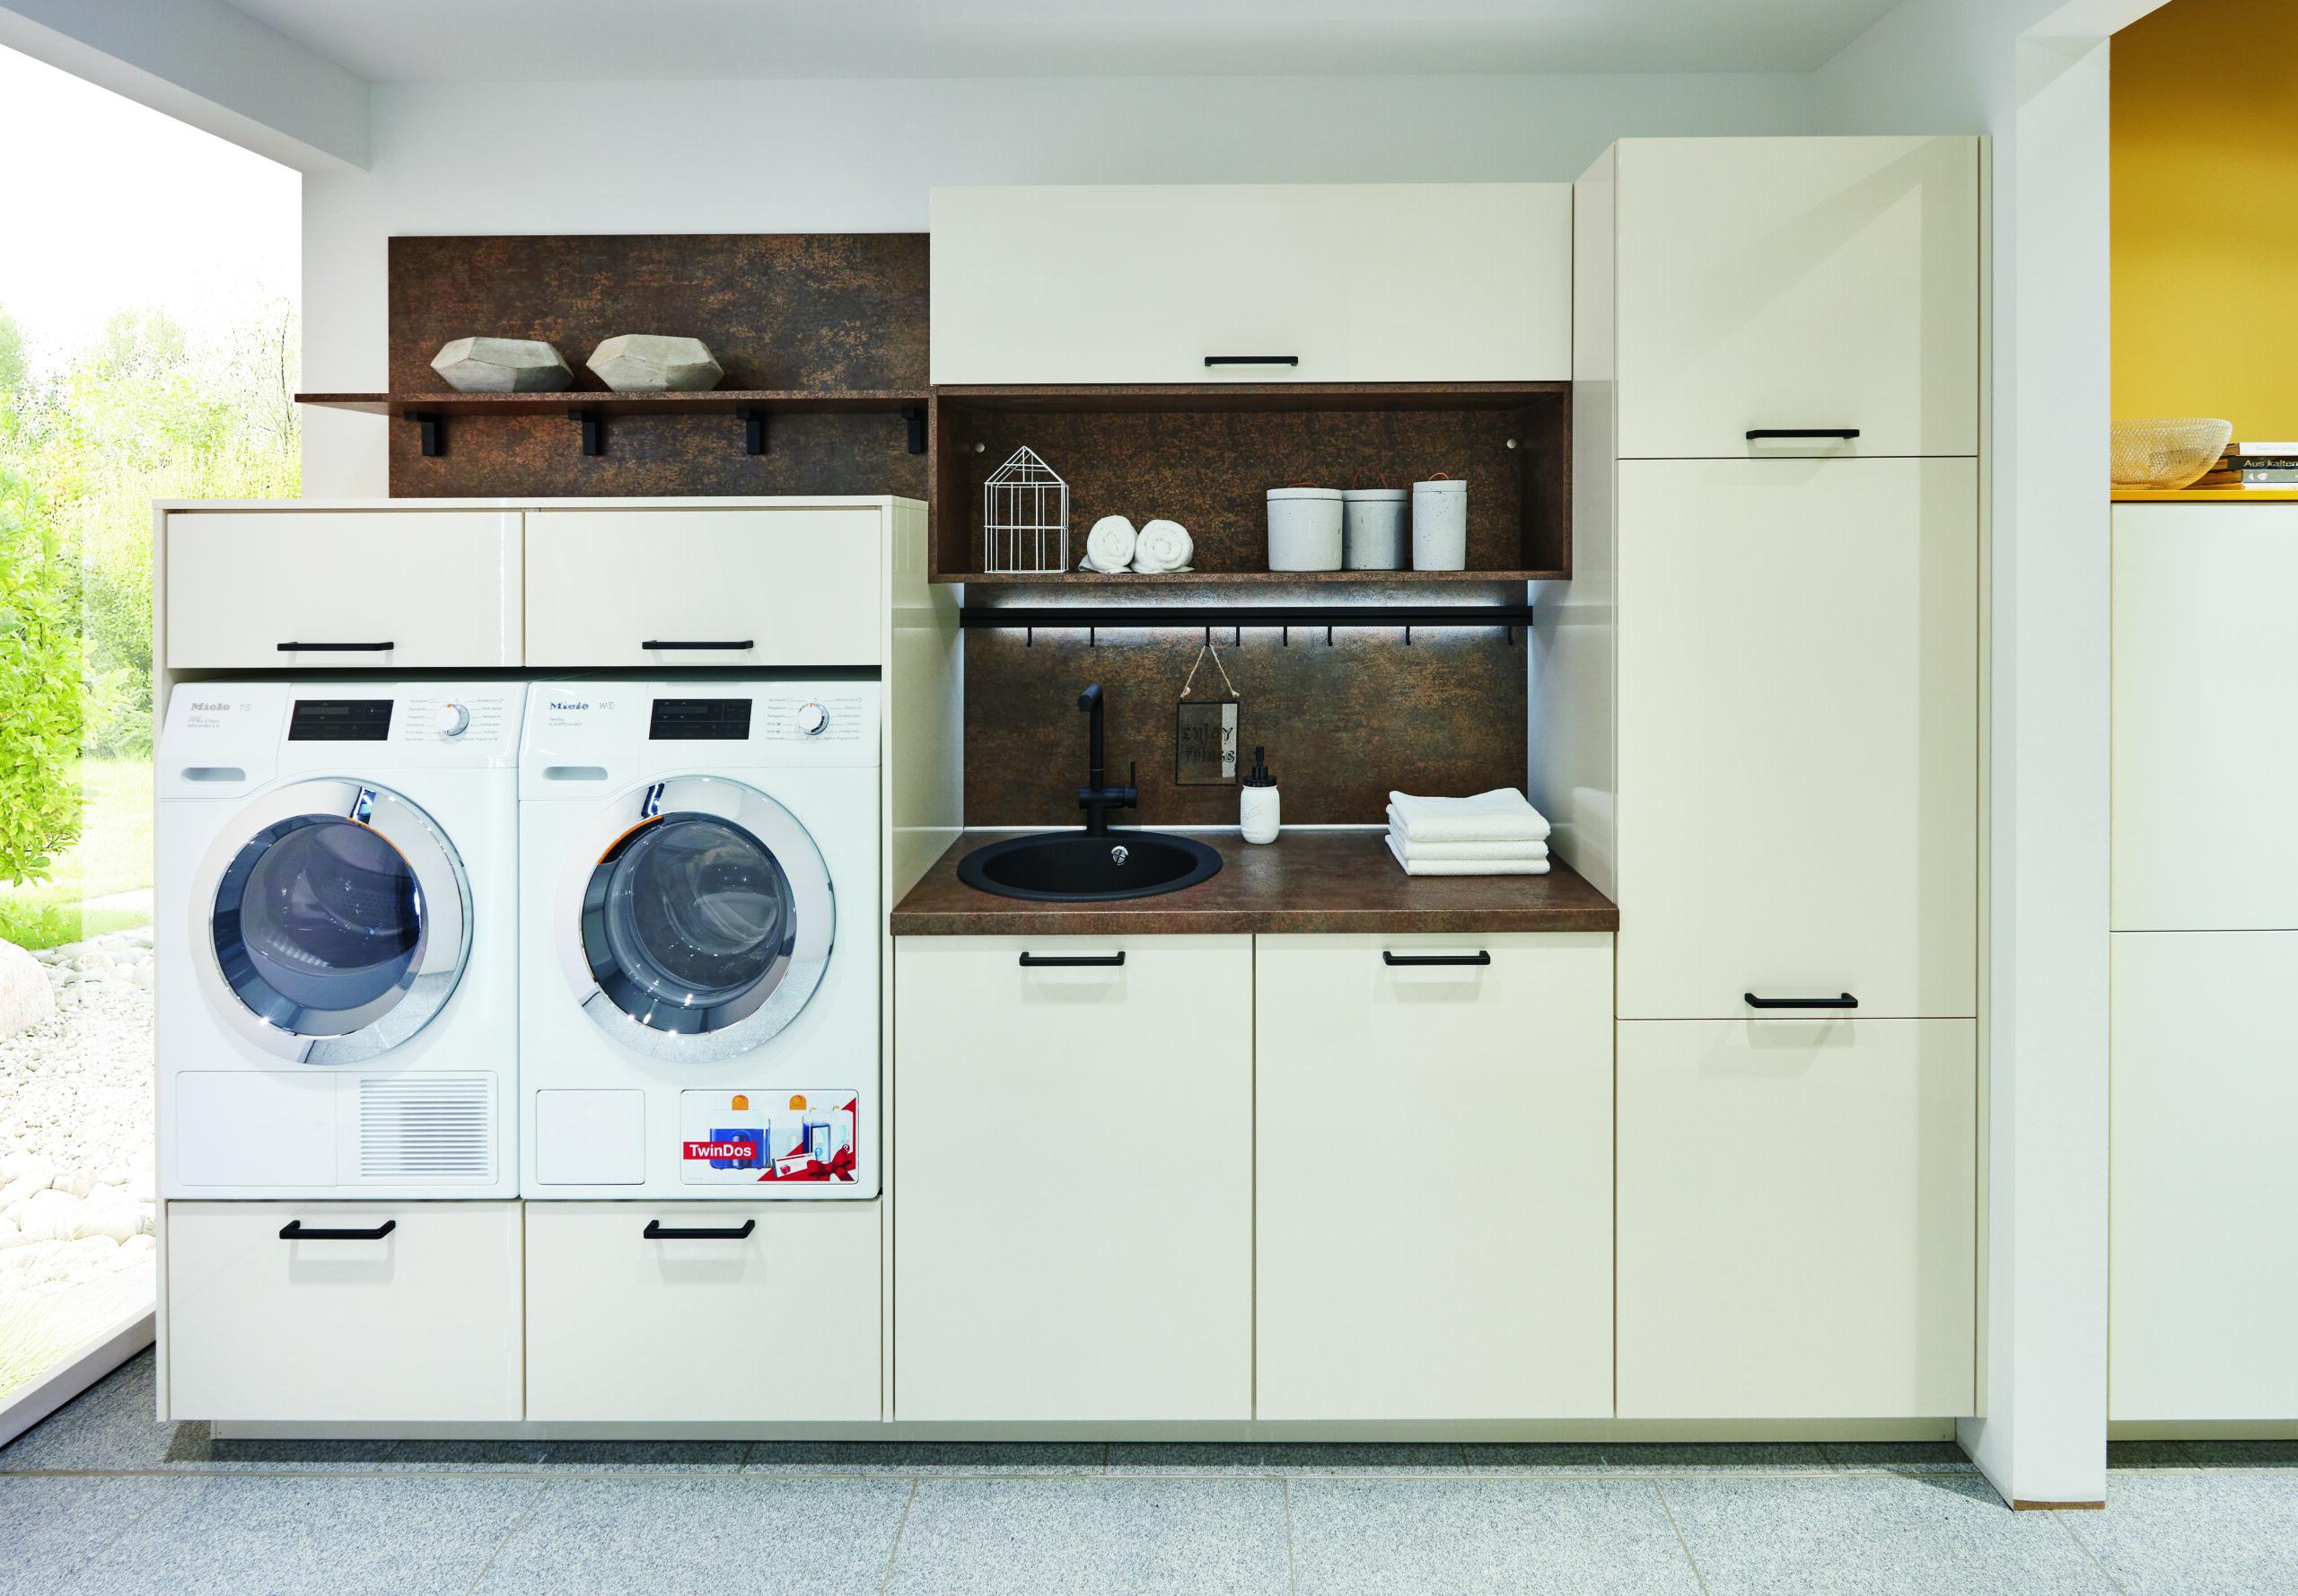 Full Size of Küchenzeile Mit Waschmaschine Einen Hauswirtschaftsraum Planen Und Praktisch Einrichten Kcheco Sofa Relaxfunktion Abnehmbaren Bezug Bett 160x200 Lattenrost Wohnzimmer Küchenzeile Mit Waschmaschine